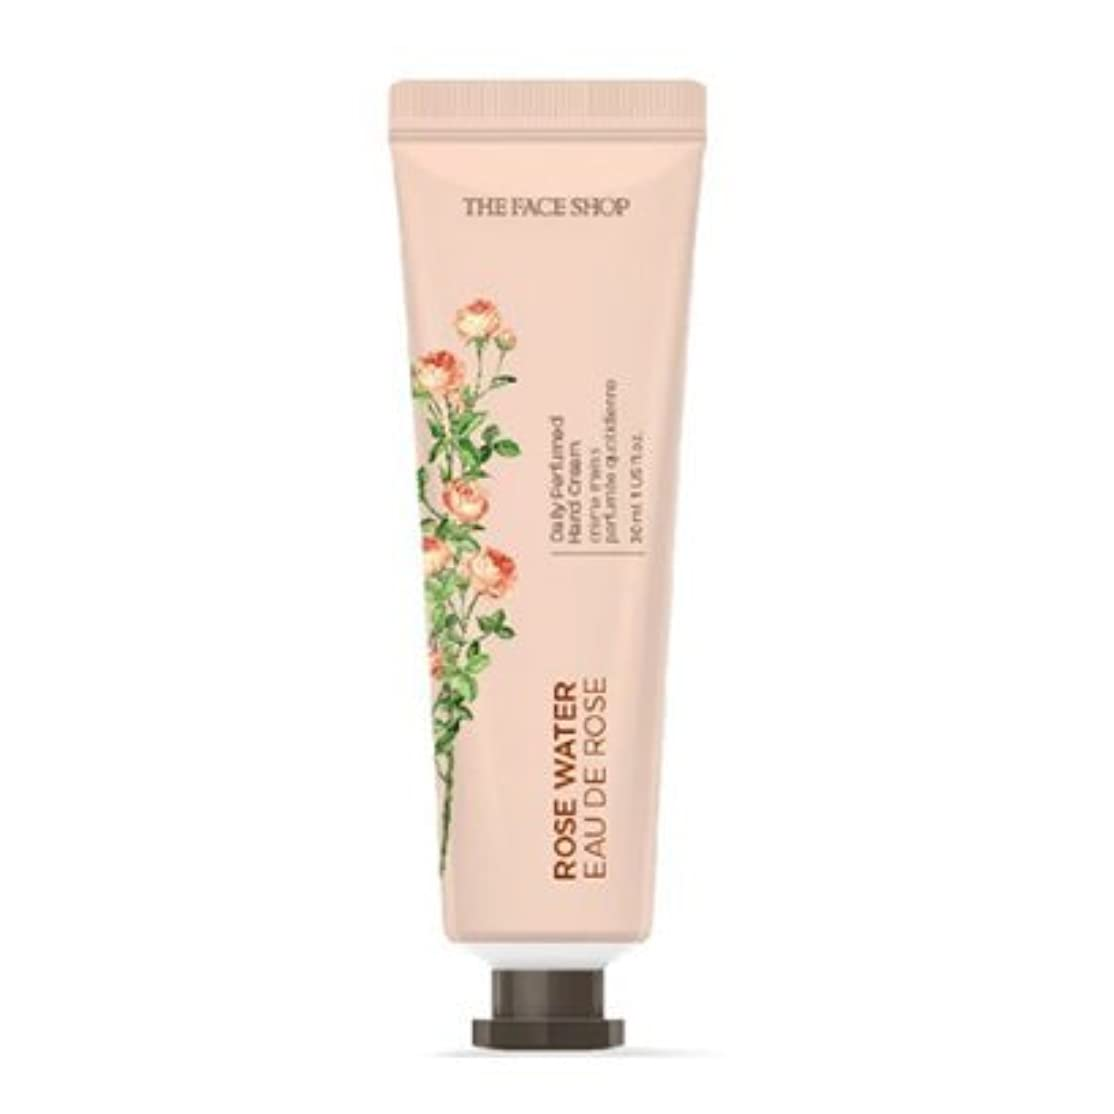 構造リーアパル[1+1] THE FACE SHOP Daily Perfume Hand Cream [01.Rose Water] ザフェイスショップ デイリーパフュームハンドクリーム [01.ローズウォーター] [new] [並行輸入品]